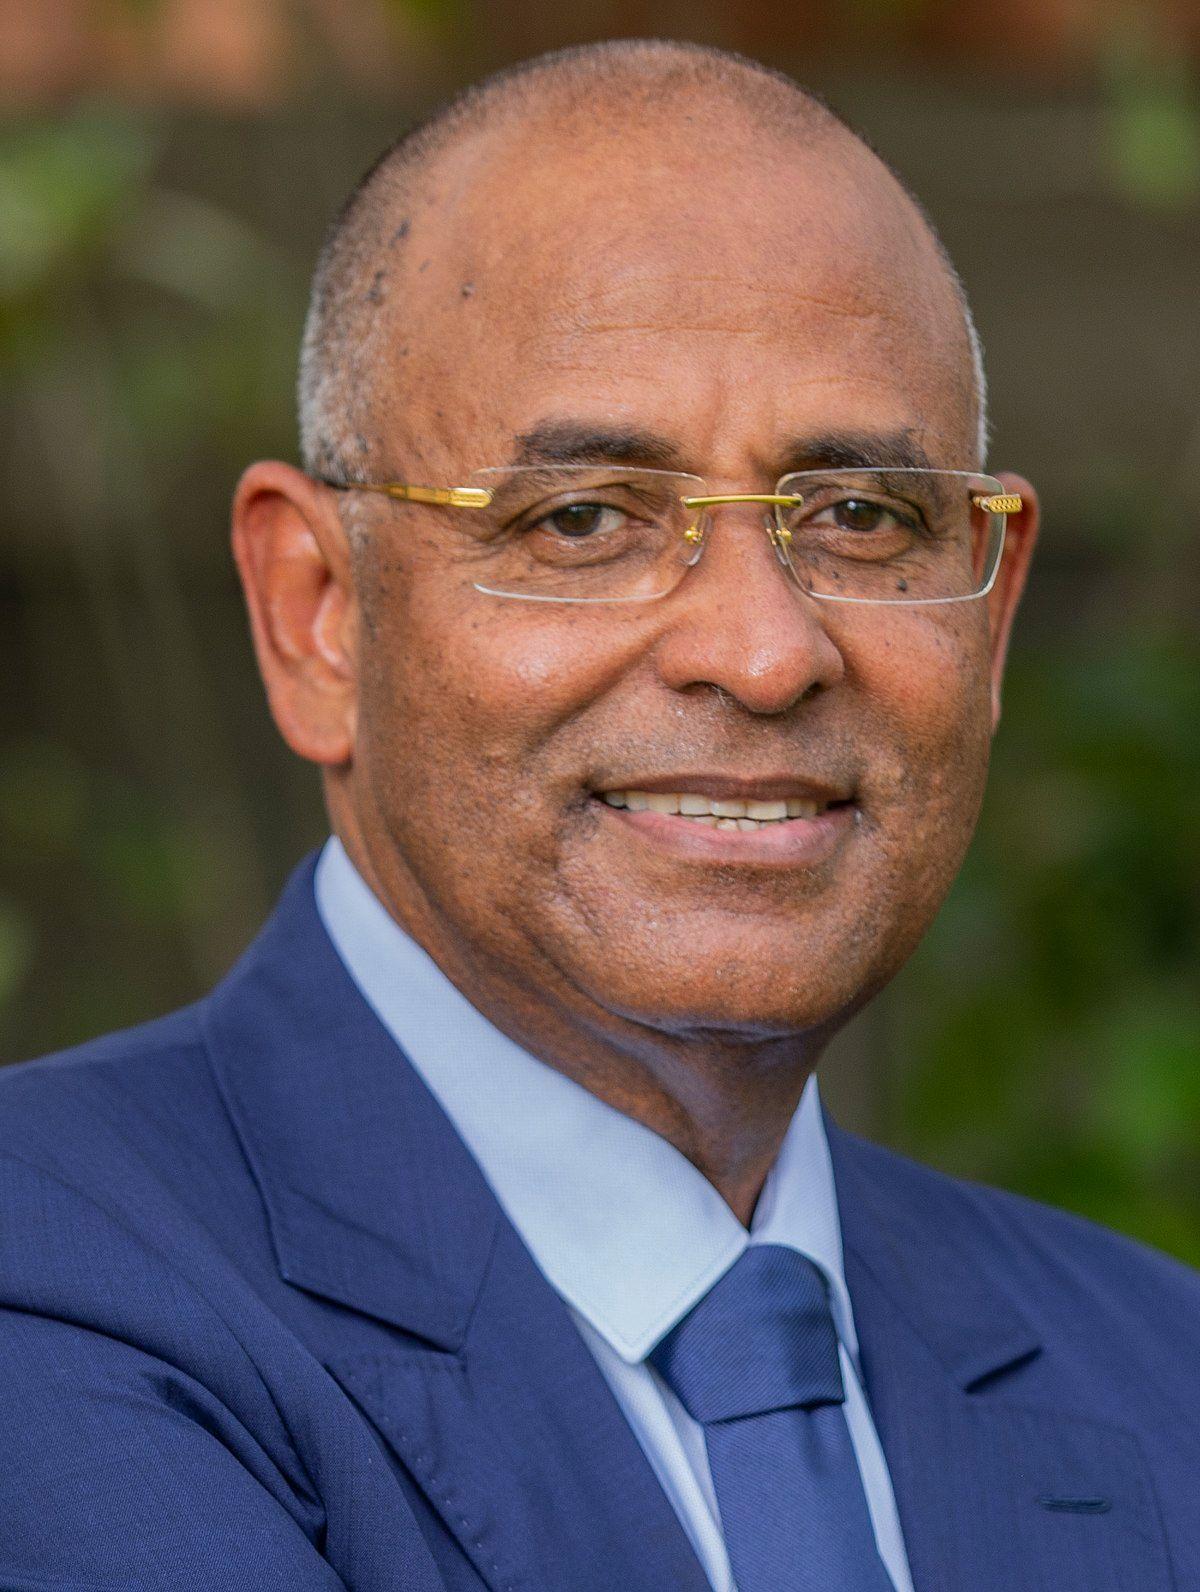 118_Photo_Officielle_-_Ministre_d'Etat_-_secretaire_general_de_la_presidenc